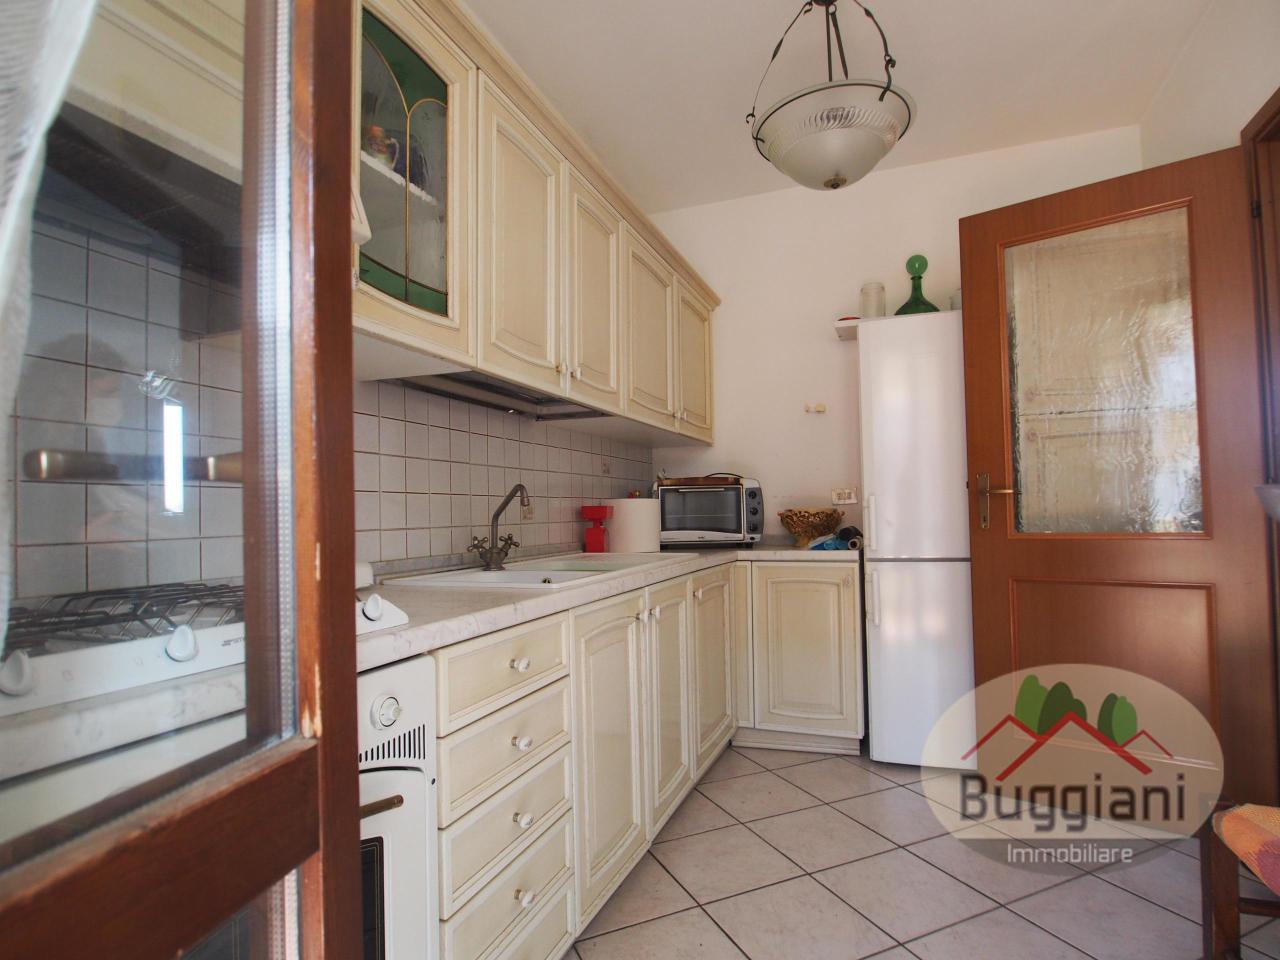 Terratetto in vendita RIF. 2208, San Miniato (PI)